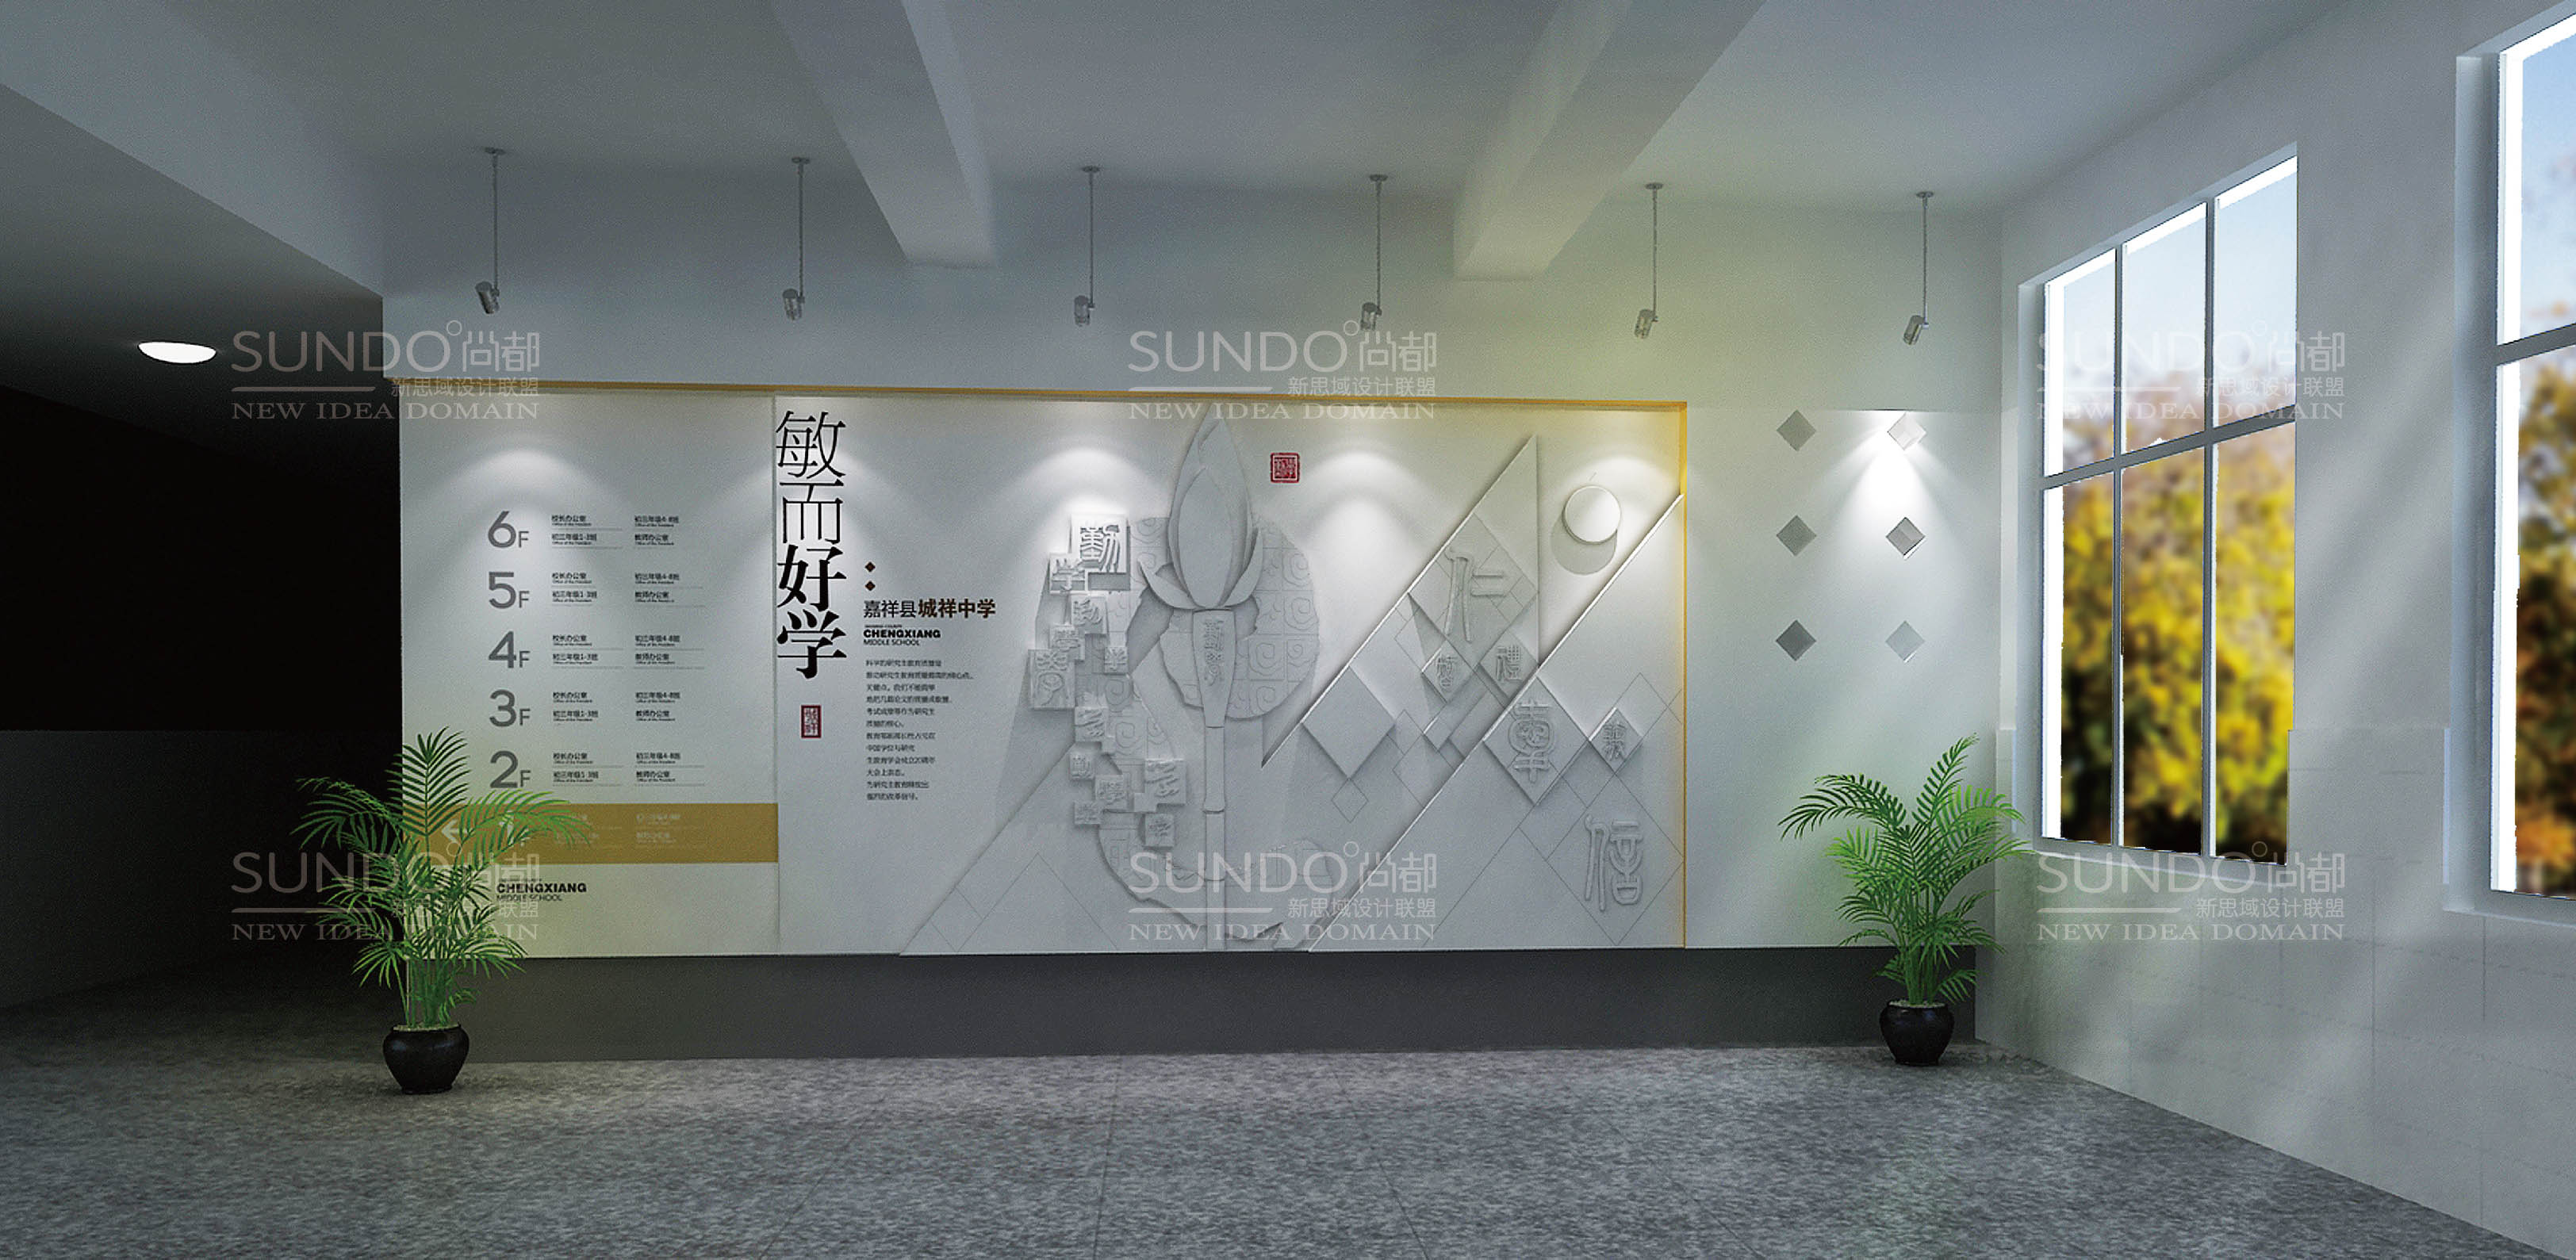 校园文化建设 服务内容:走廊文化,室外景观文化,主题雕塑,教学楼浮雕